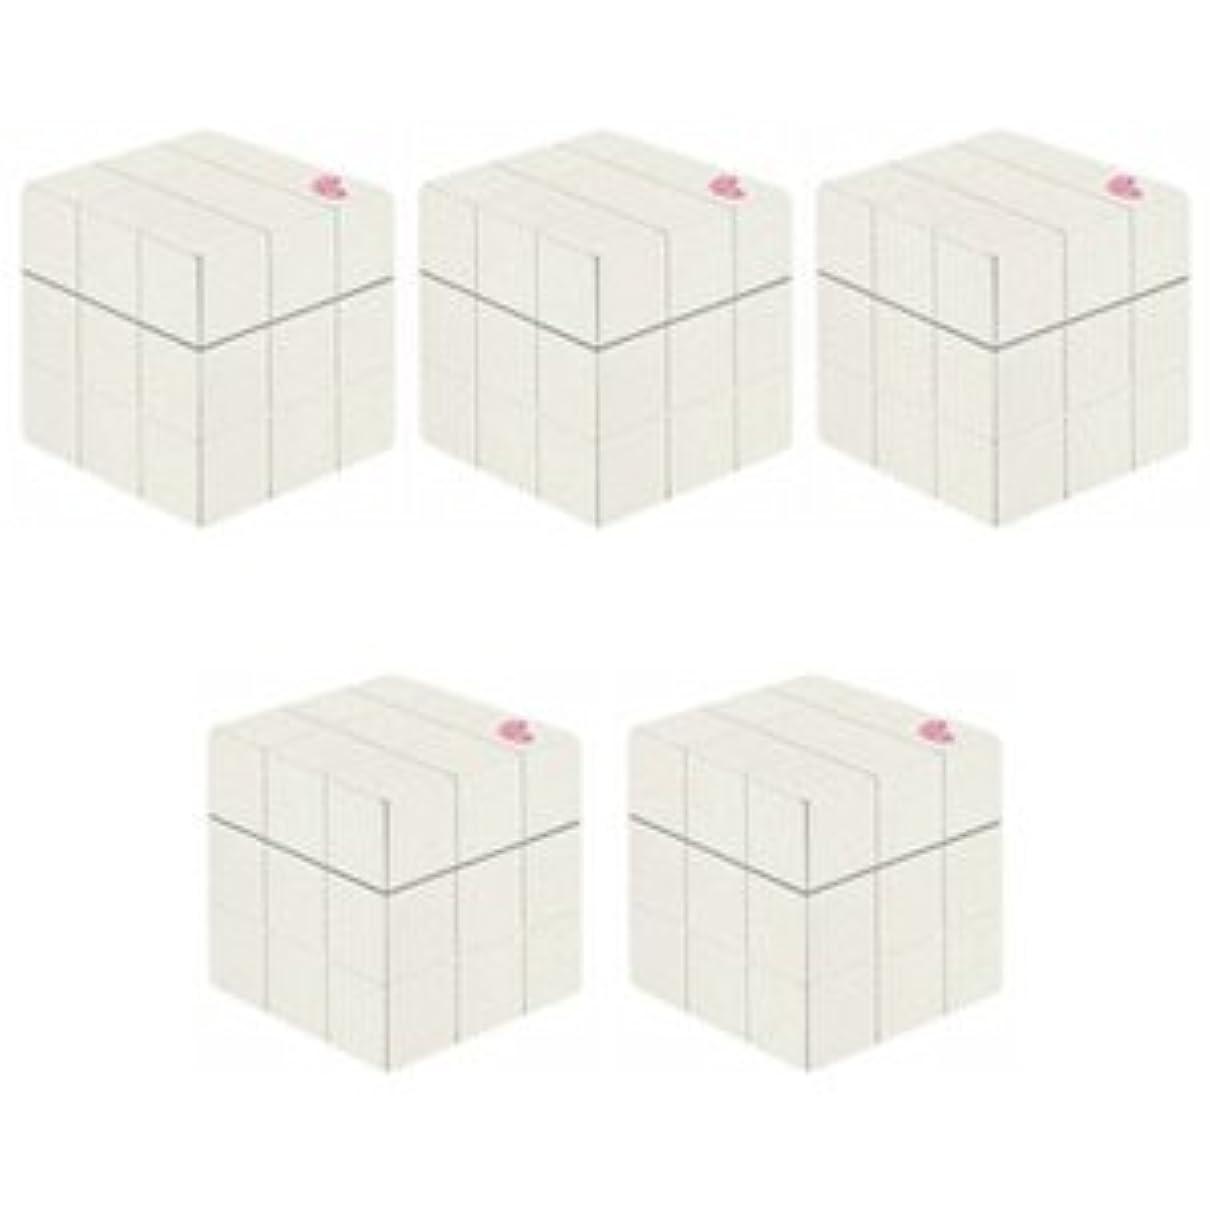 言う地下室嫌がらせ【X5個セット】 アリミノ ピース プロデザインシリーズ グロスワックス ホワイト 80g